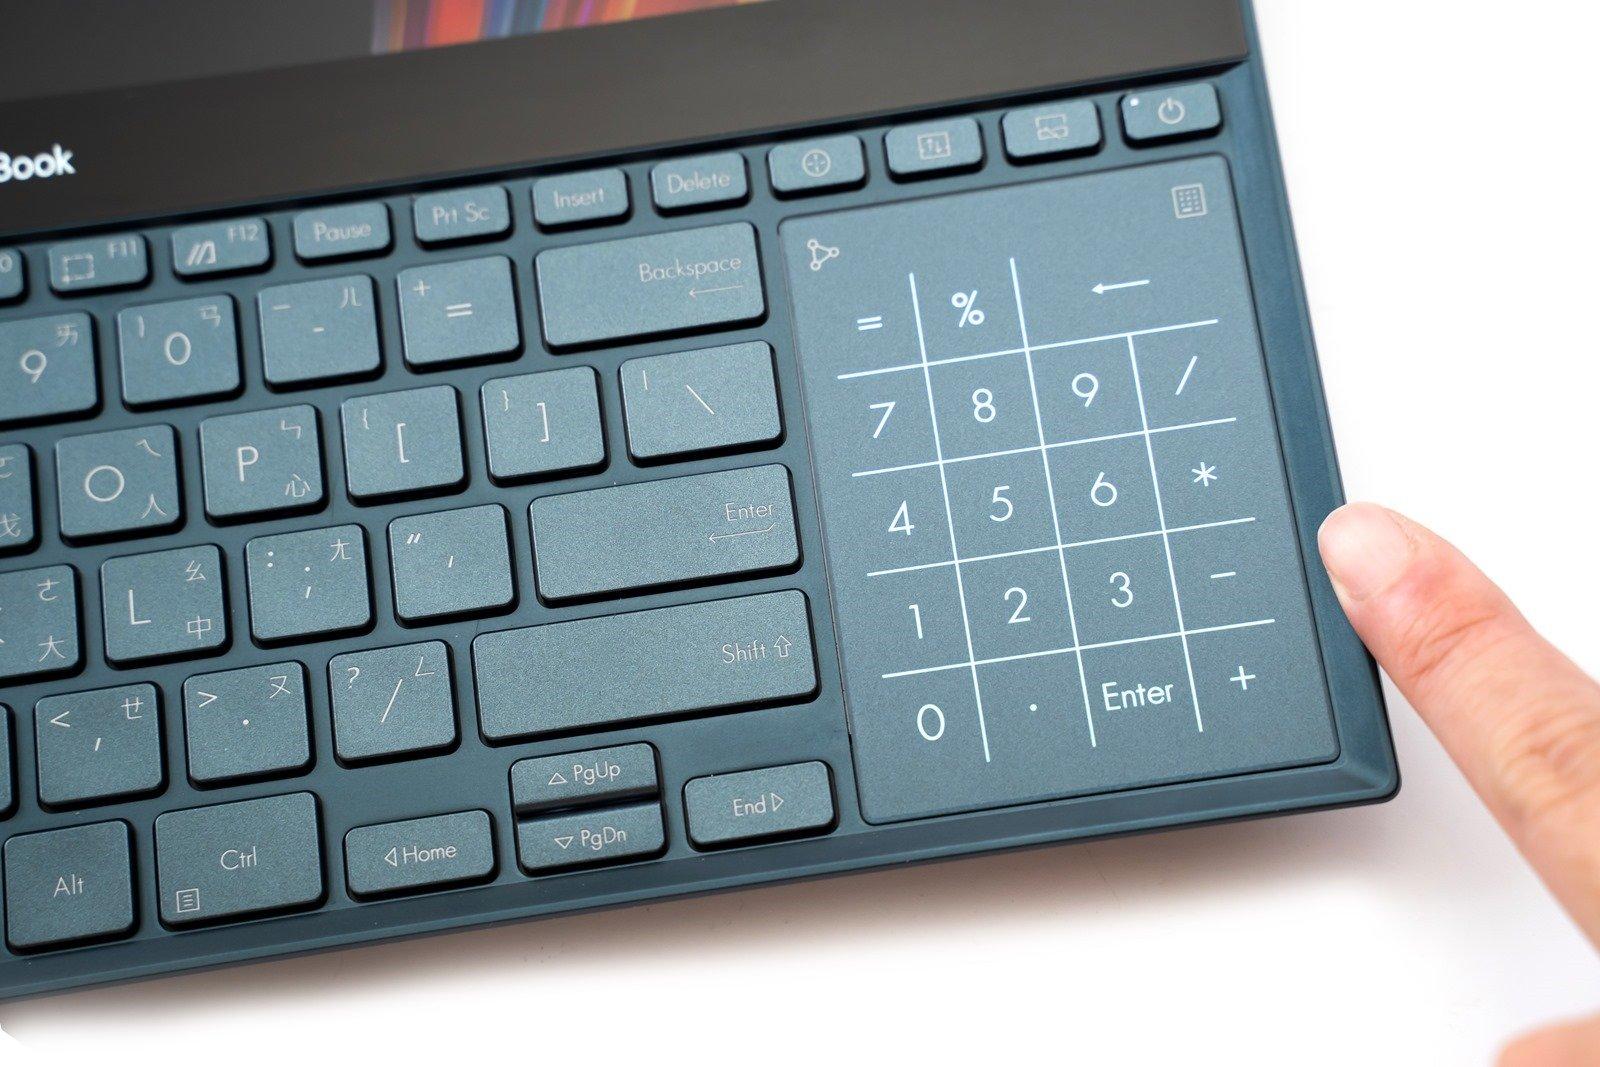 美.力 雙螢 創意無界 ZenBook Pro Duo(UX581)最強內容創作者筆電!顛峰性能與創新黑科技的結合! @3C 達人廖阿輝